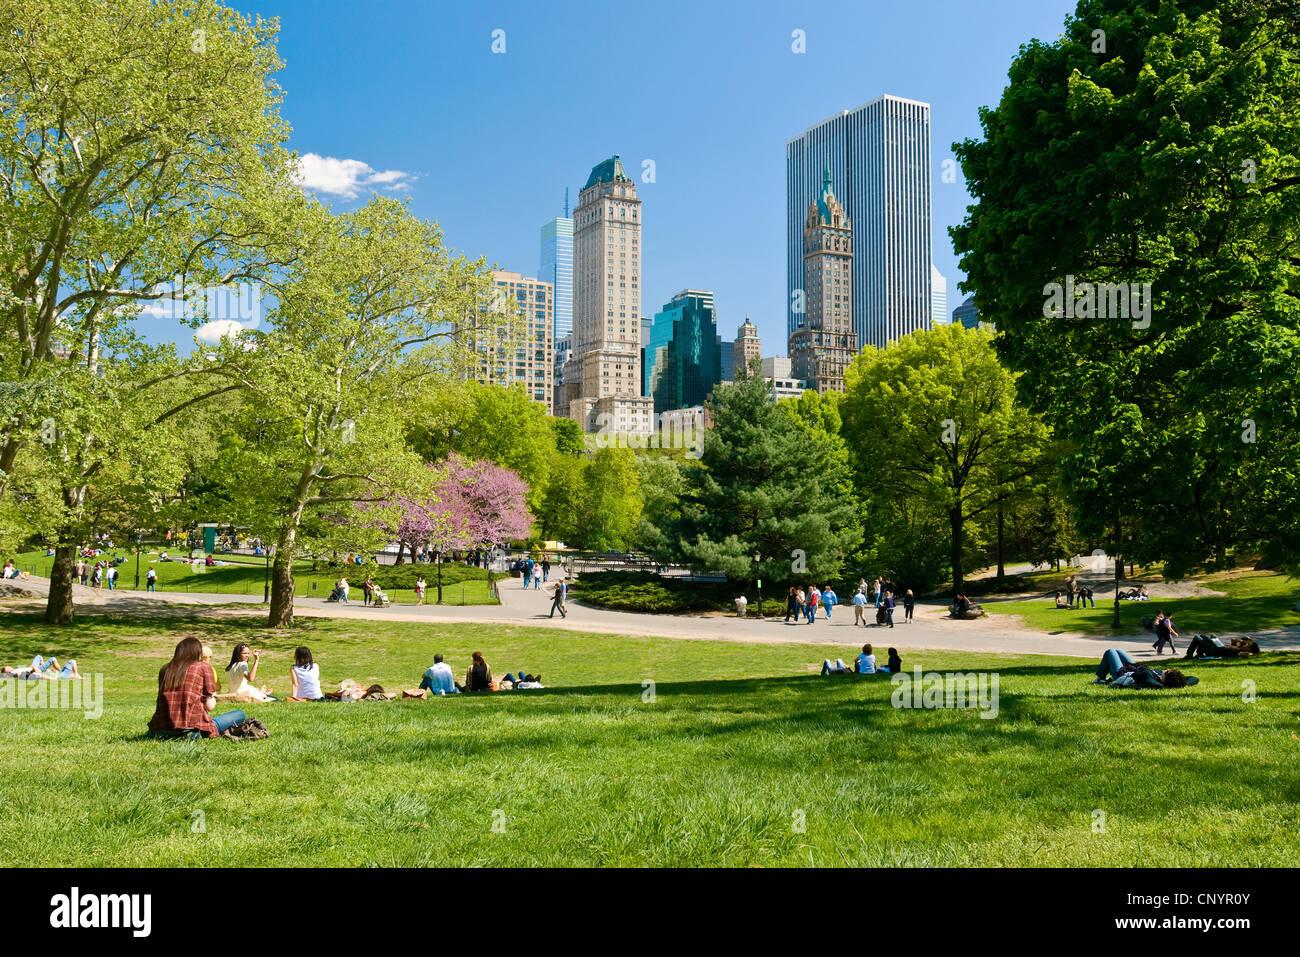 Persone relax nel Central Park di New York City nella stagione primaverile. Immagini Stock